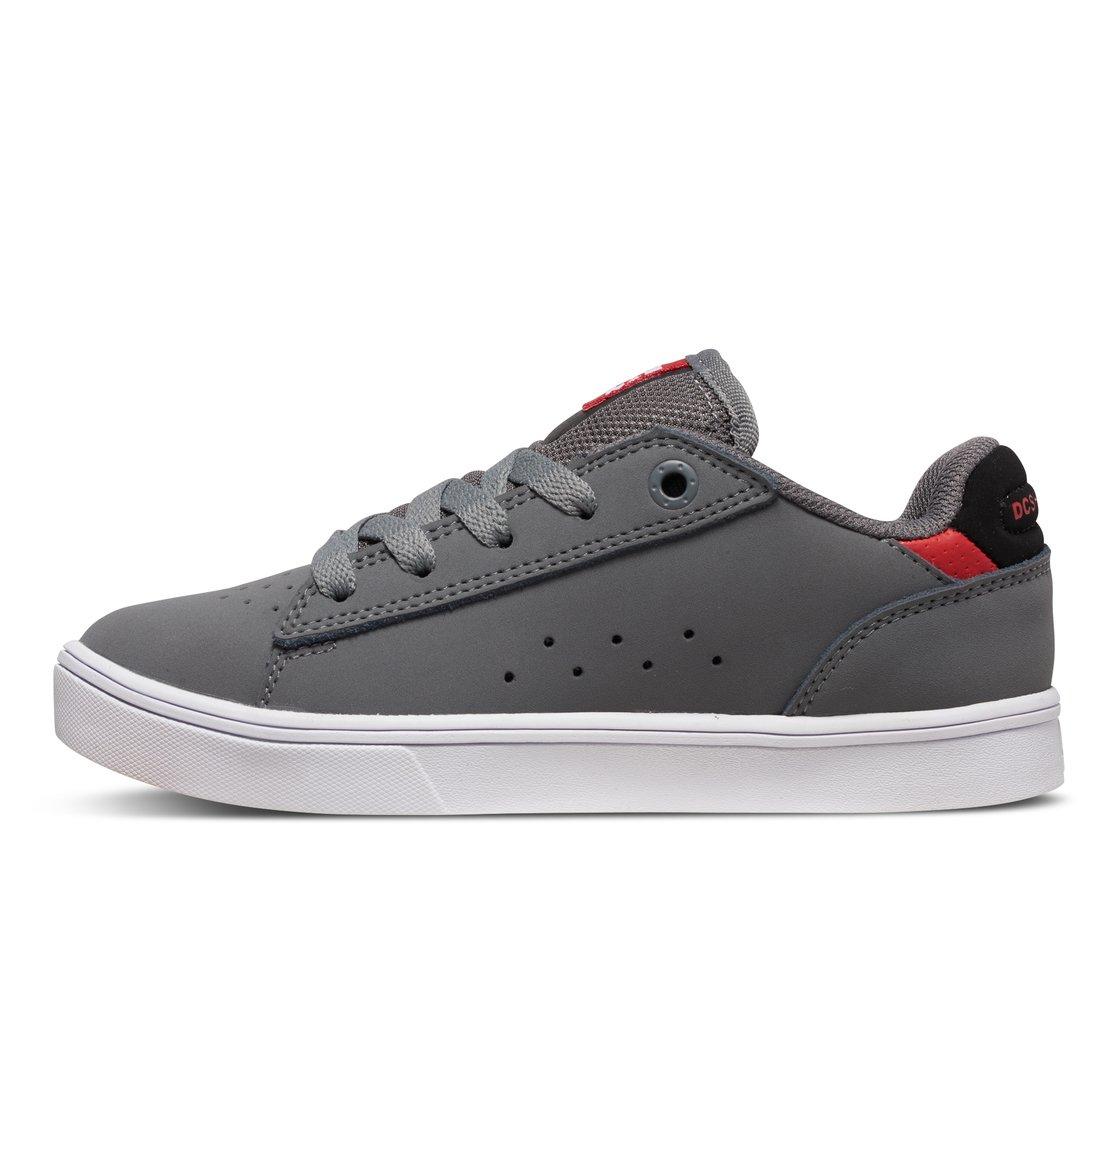 Dc Notch Shoes Size